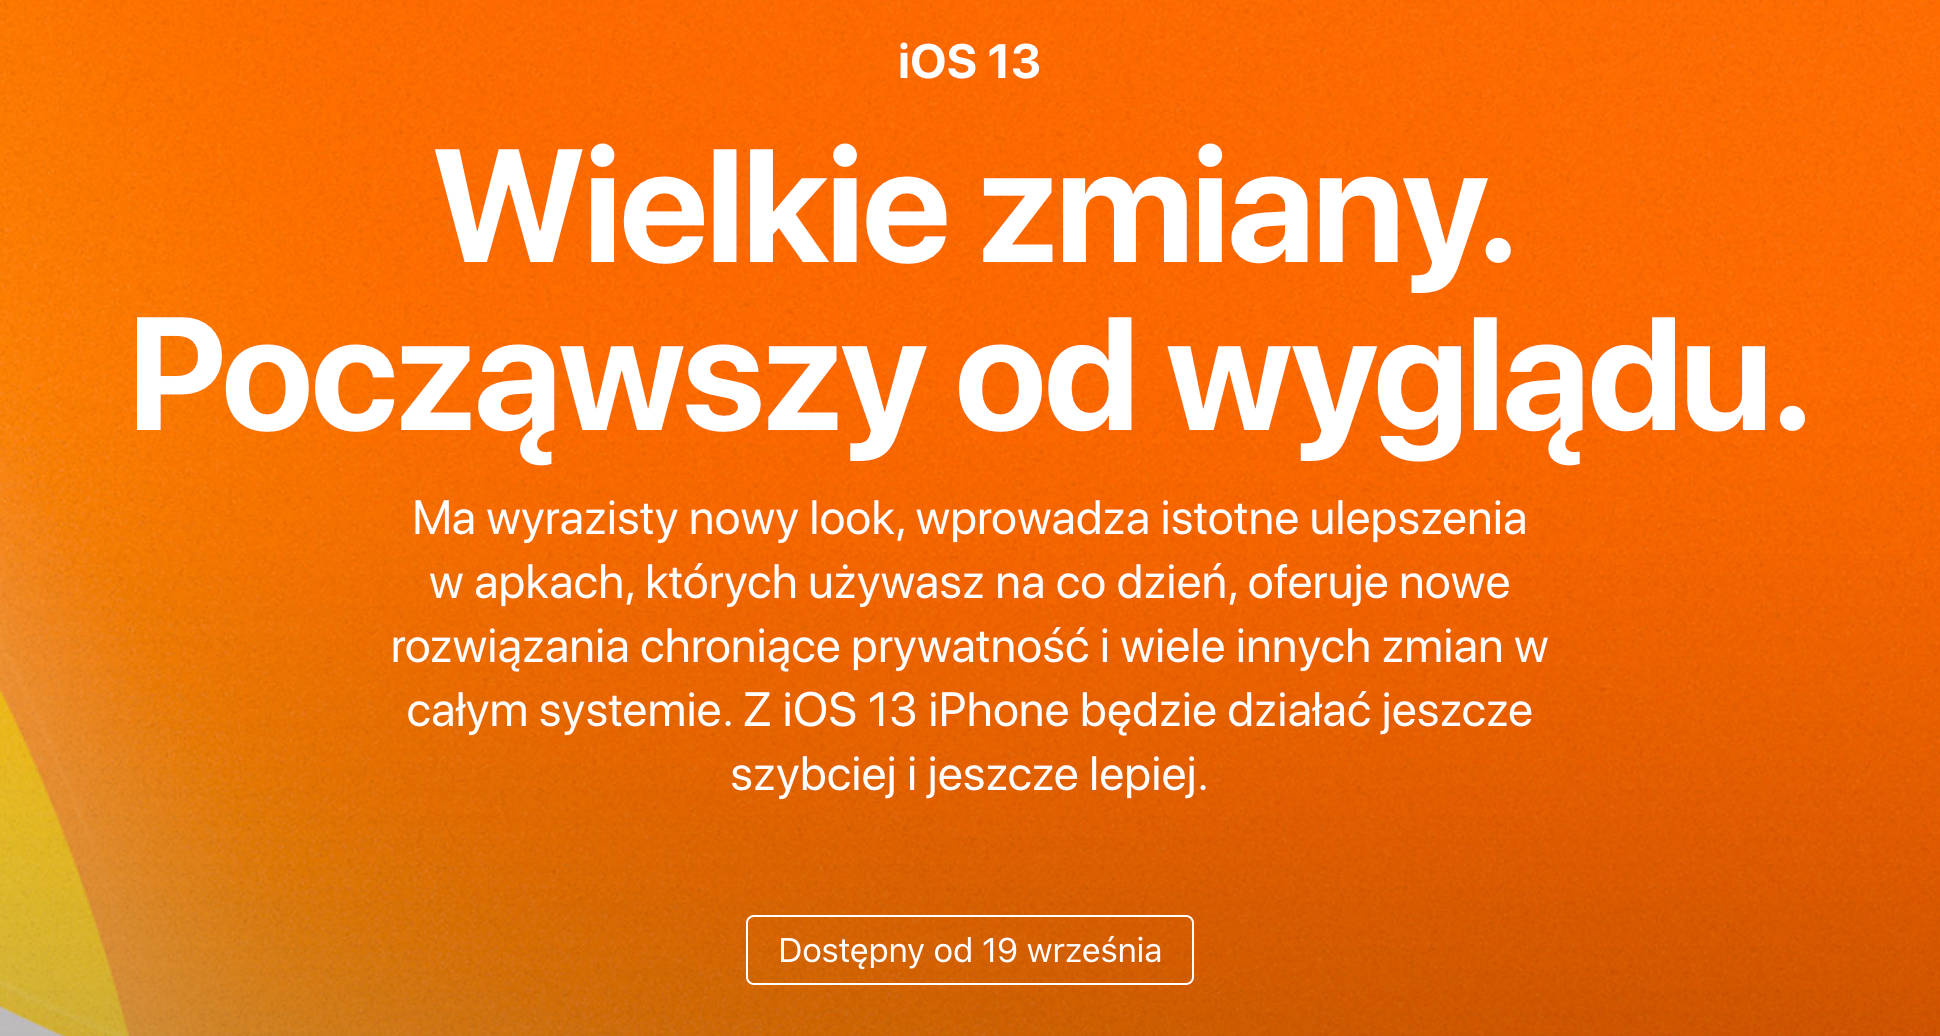 iOS 13 watchOS 6 tvOS 13 macOS Catalina kiedy premiera dla wszystkich Apple iPhone jakie modele